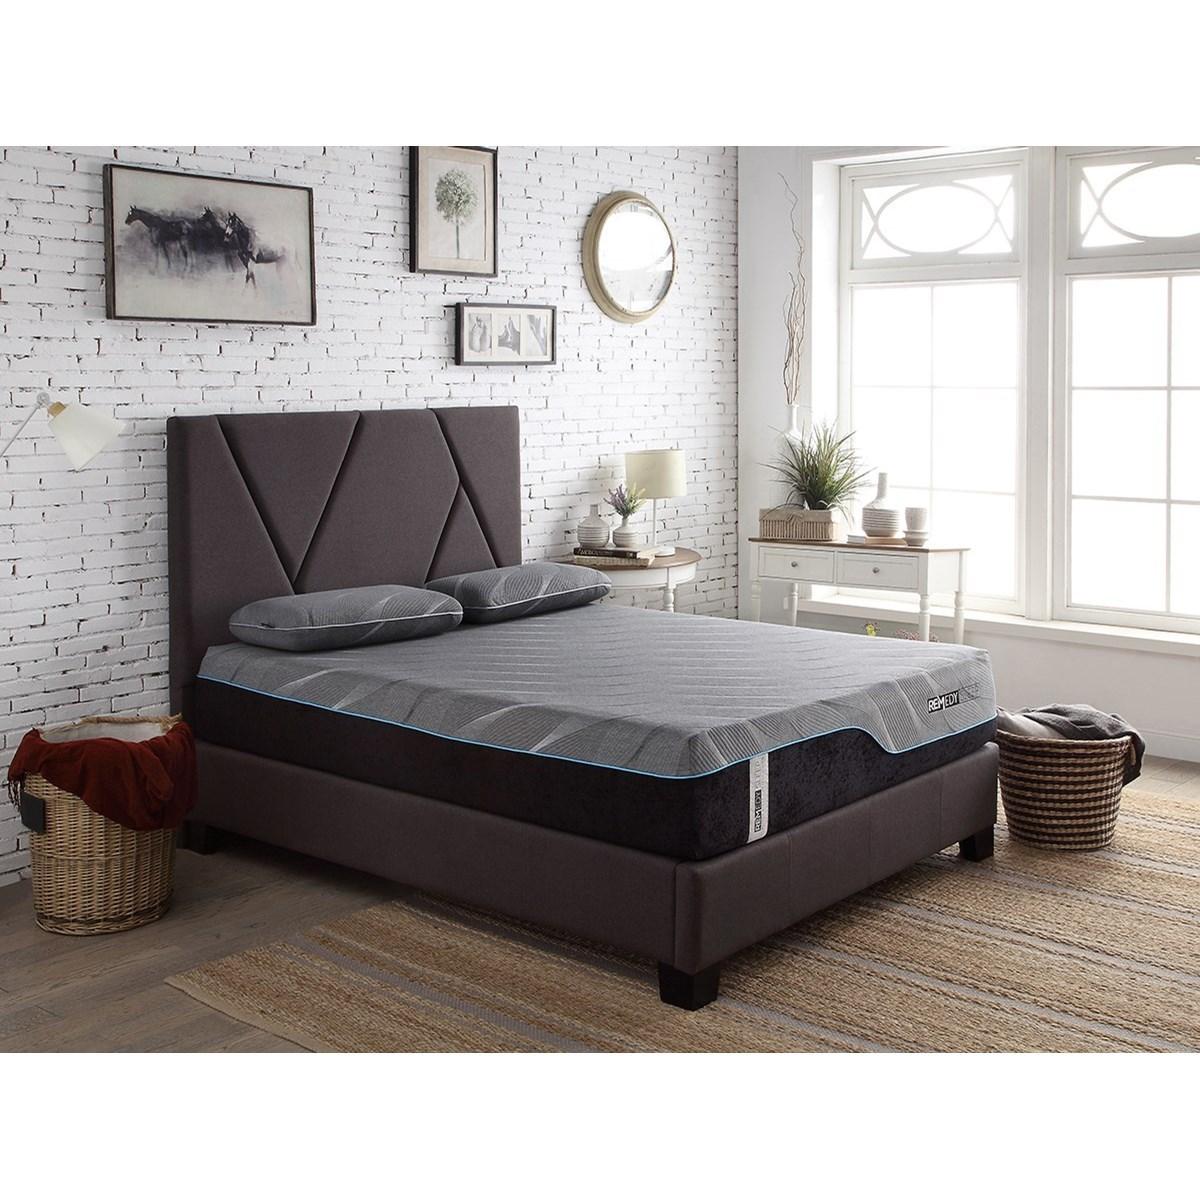 Legends Furniture Modern Beds Contemporary King Upholstered Bed Wayside Furniture Upholstered Beds